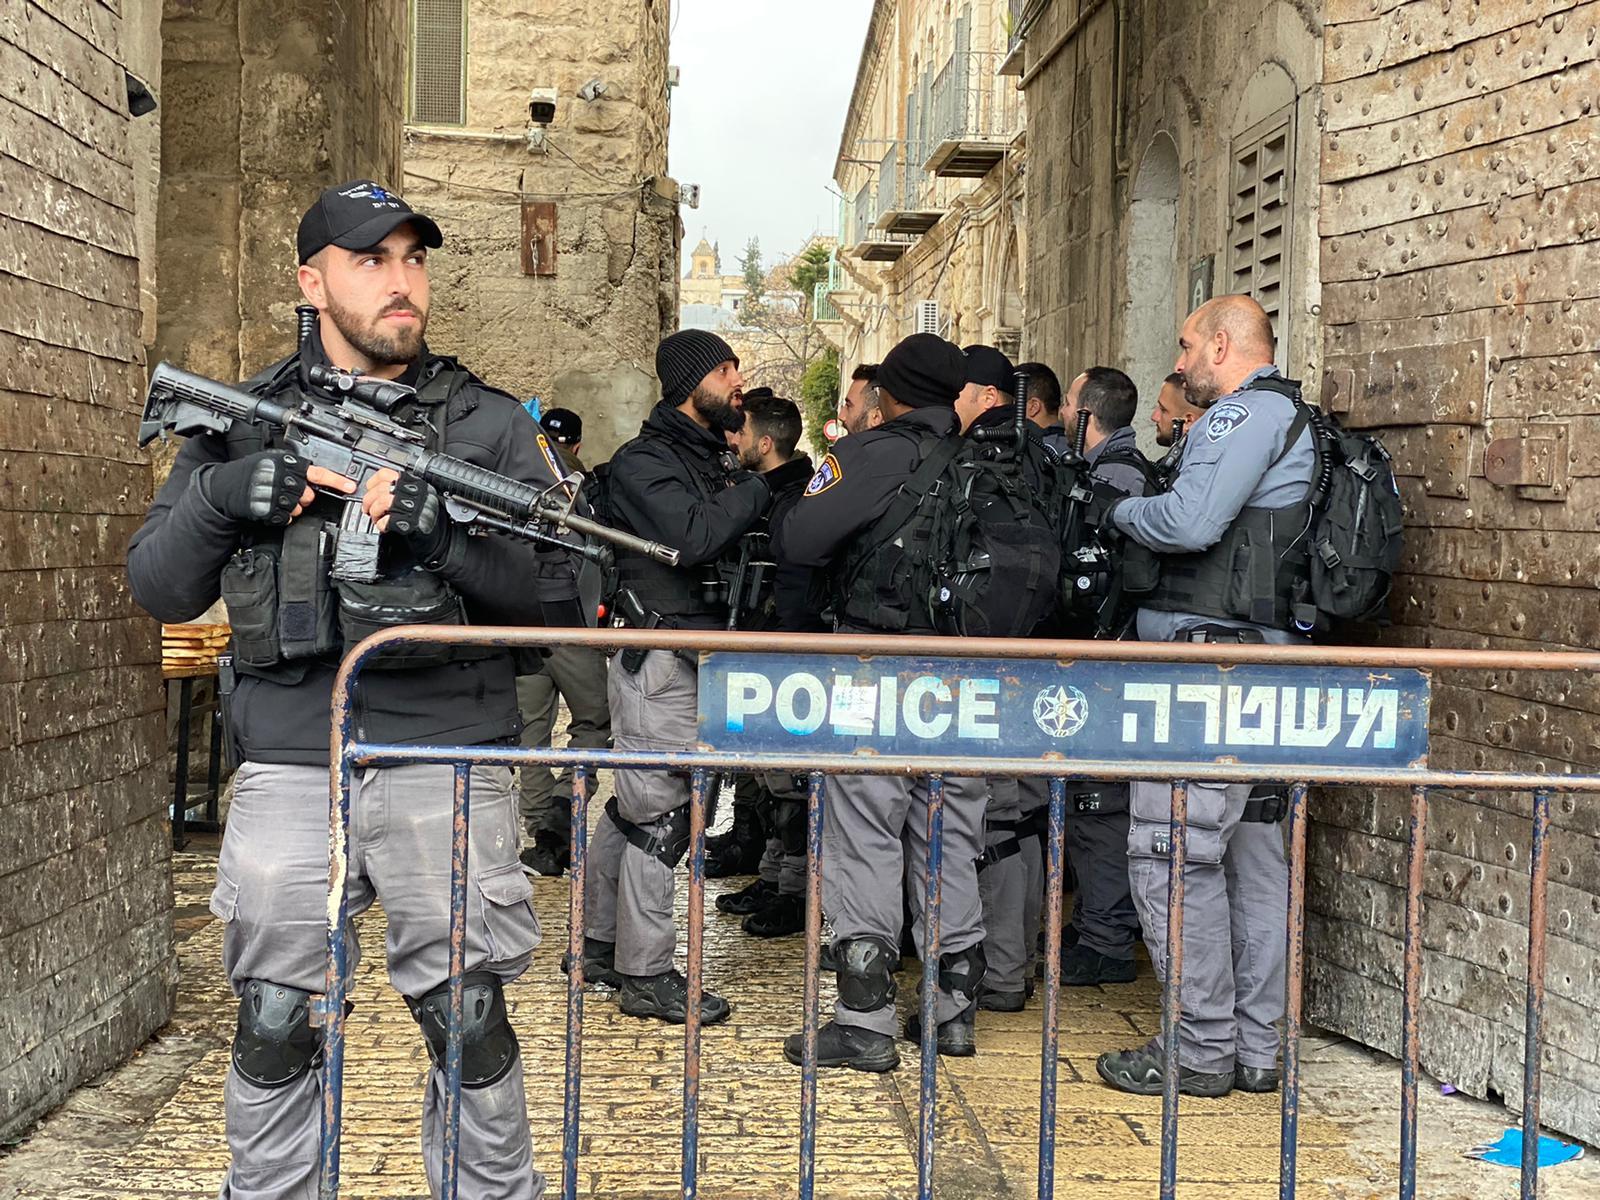 ניסיון דקירה בעיר העתיקה בירושלים. צילום: דוברות המשטרה